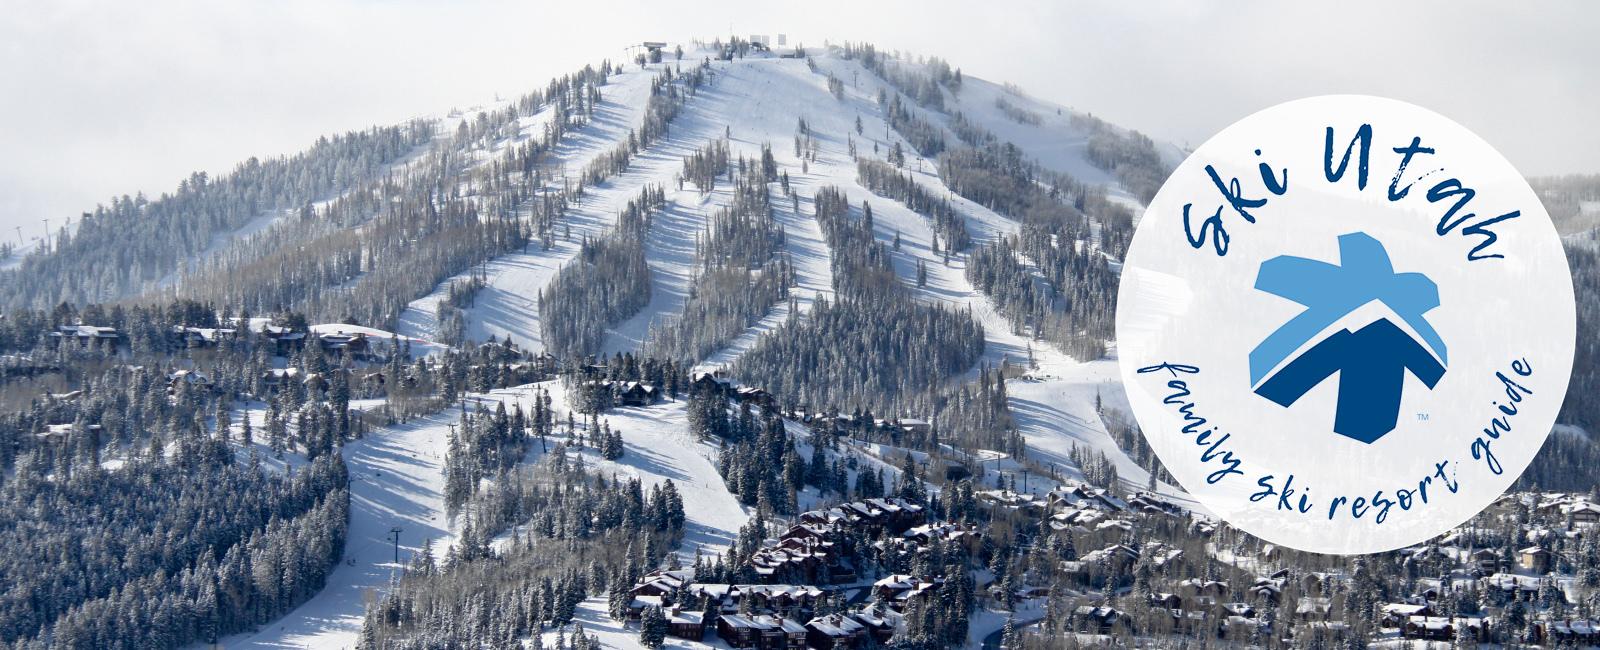 Family Ski Resort Guide | Deer Valley Resort